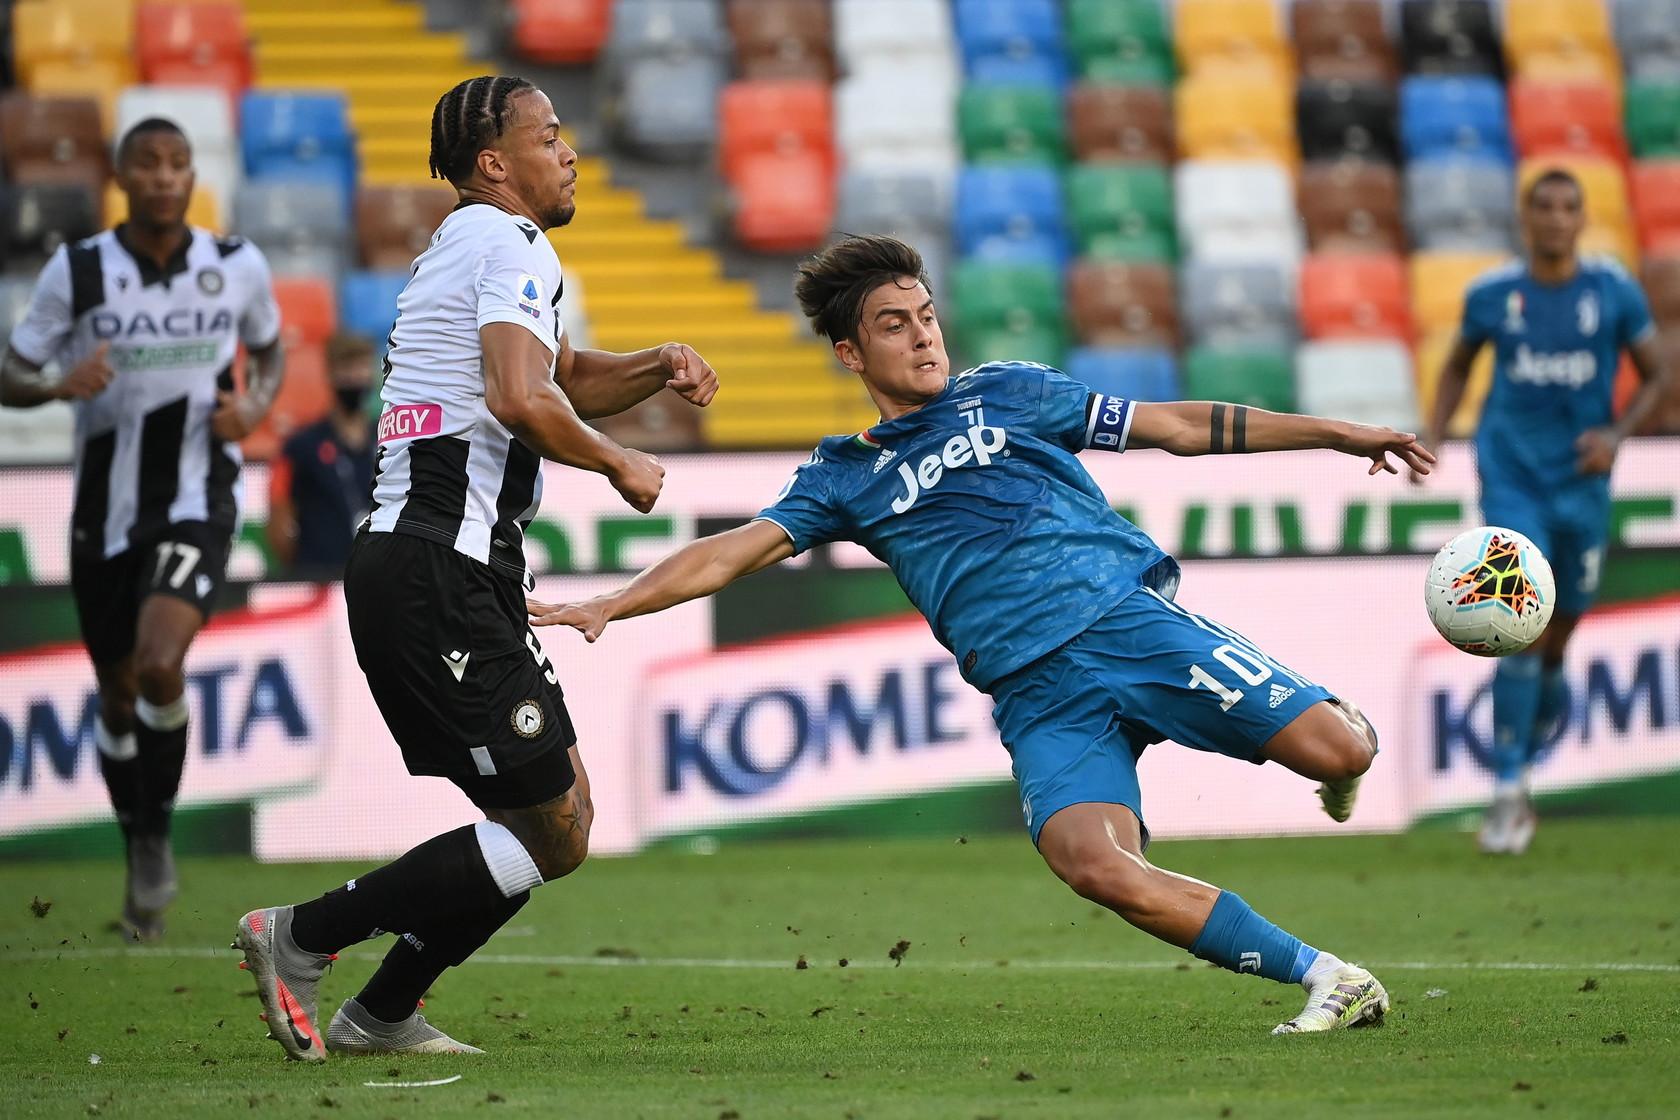 Le migliori immagini di Udinese-Juventus 2-1.